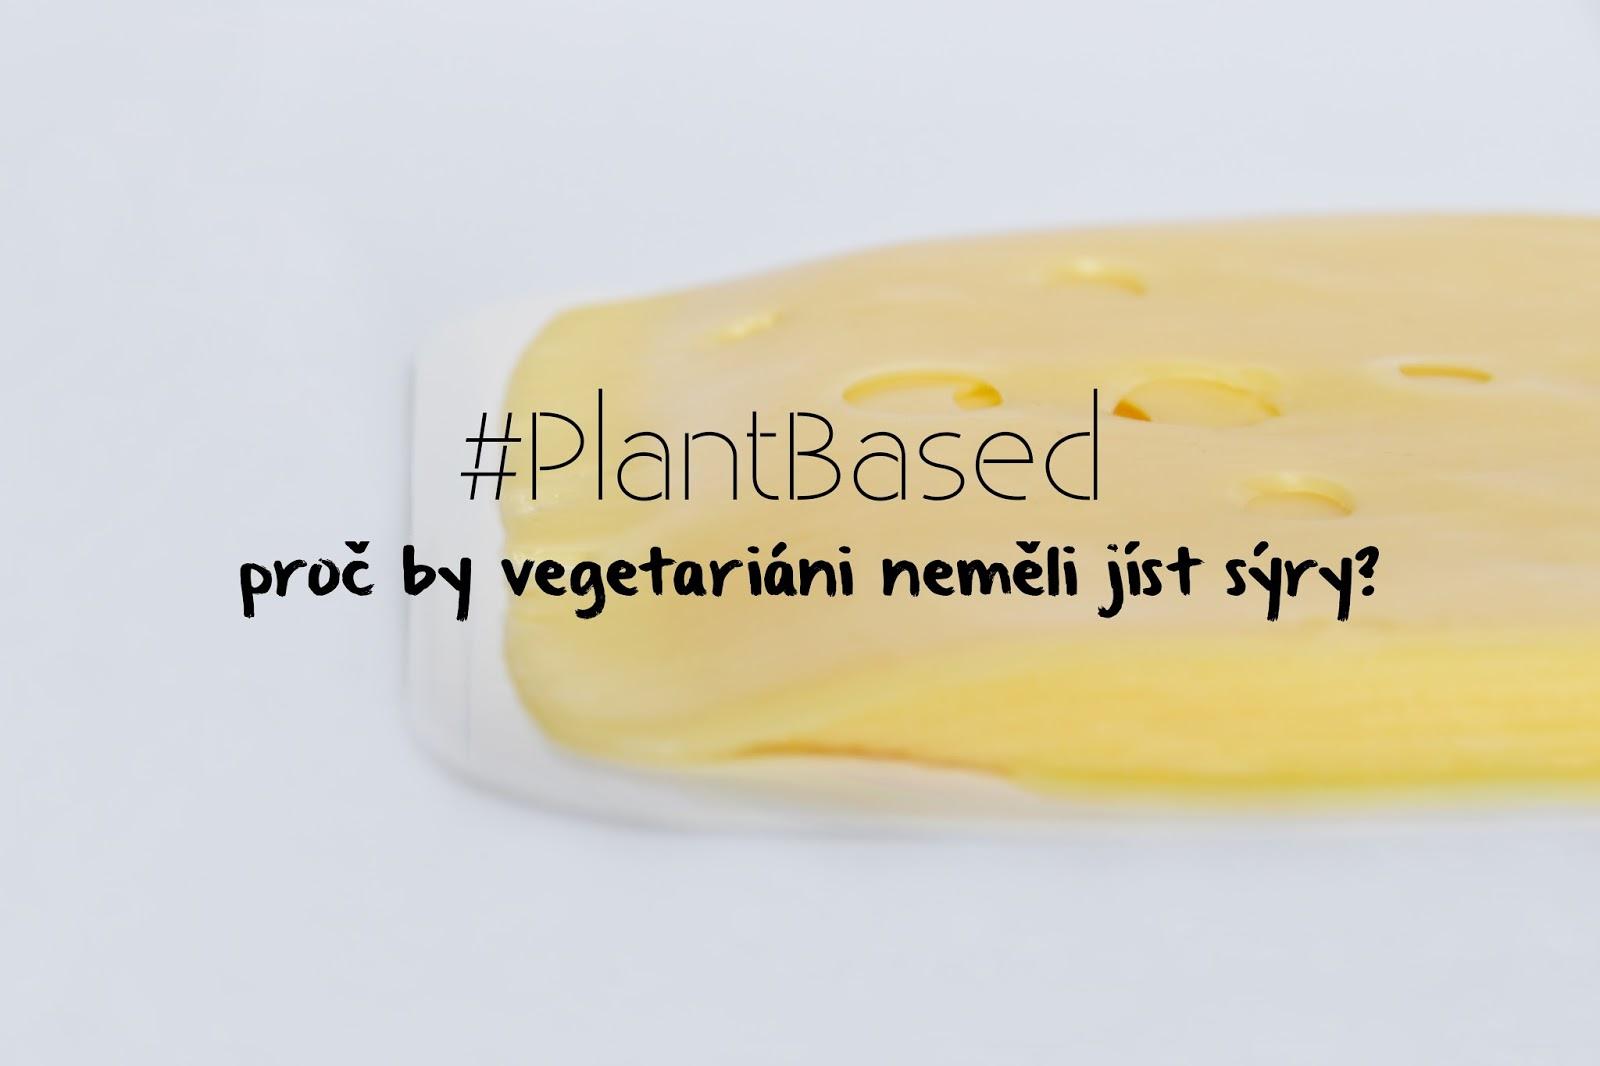 Proč by vegetariáni neměli jíst sýry